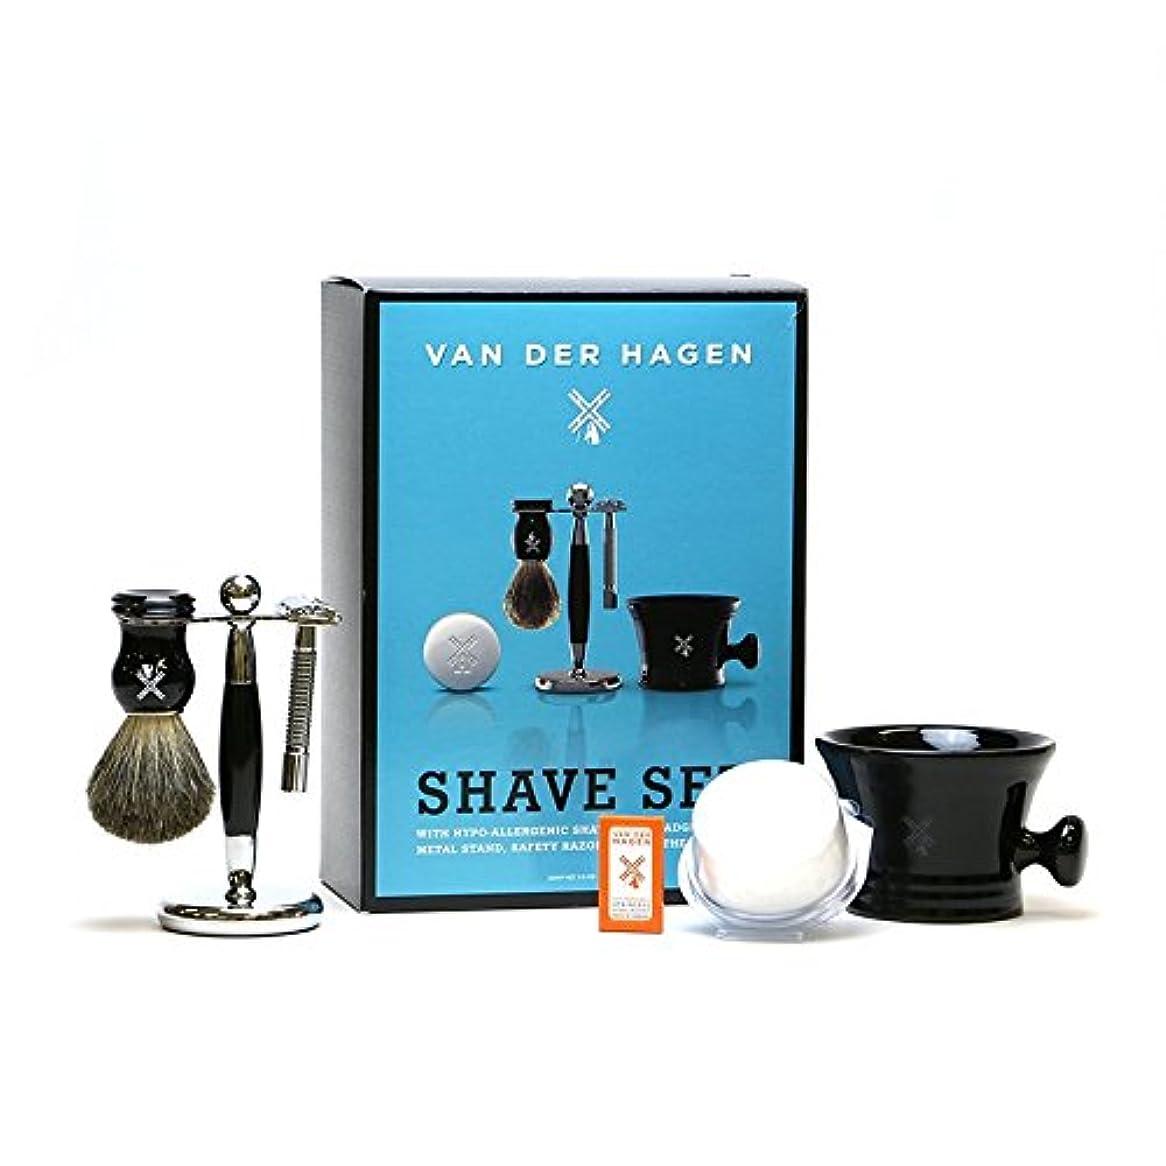 ファンブル認める援助VANDERHAGEN(米) ウェットシェービングセット ビックブルーシェイブセット 両刃 髭剃り 替刃5枚付